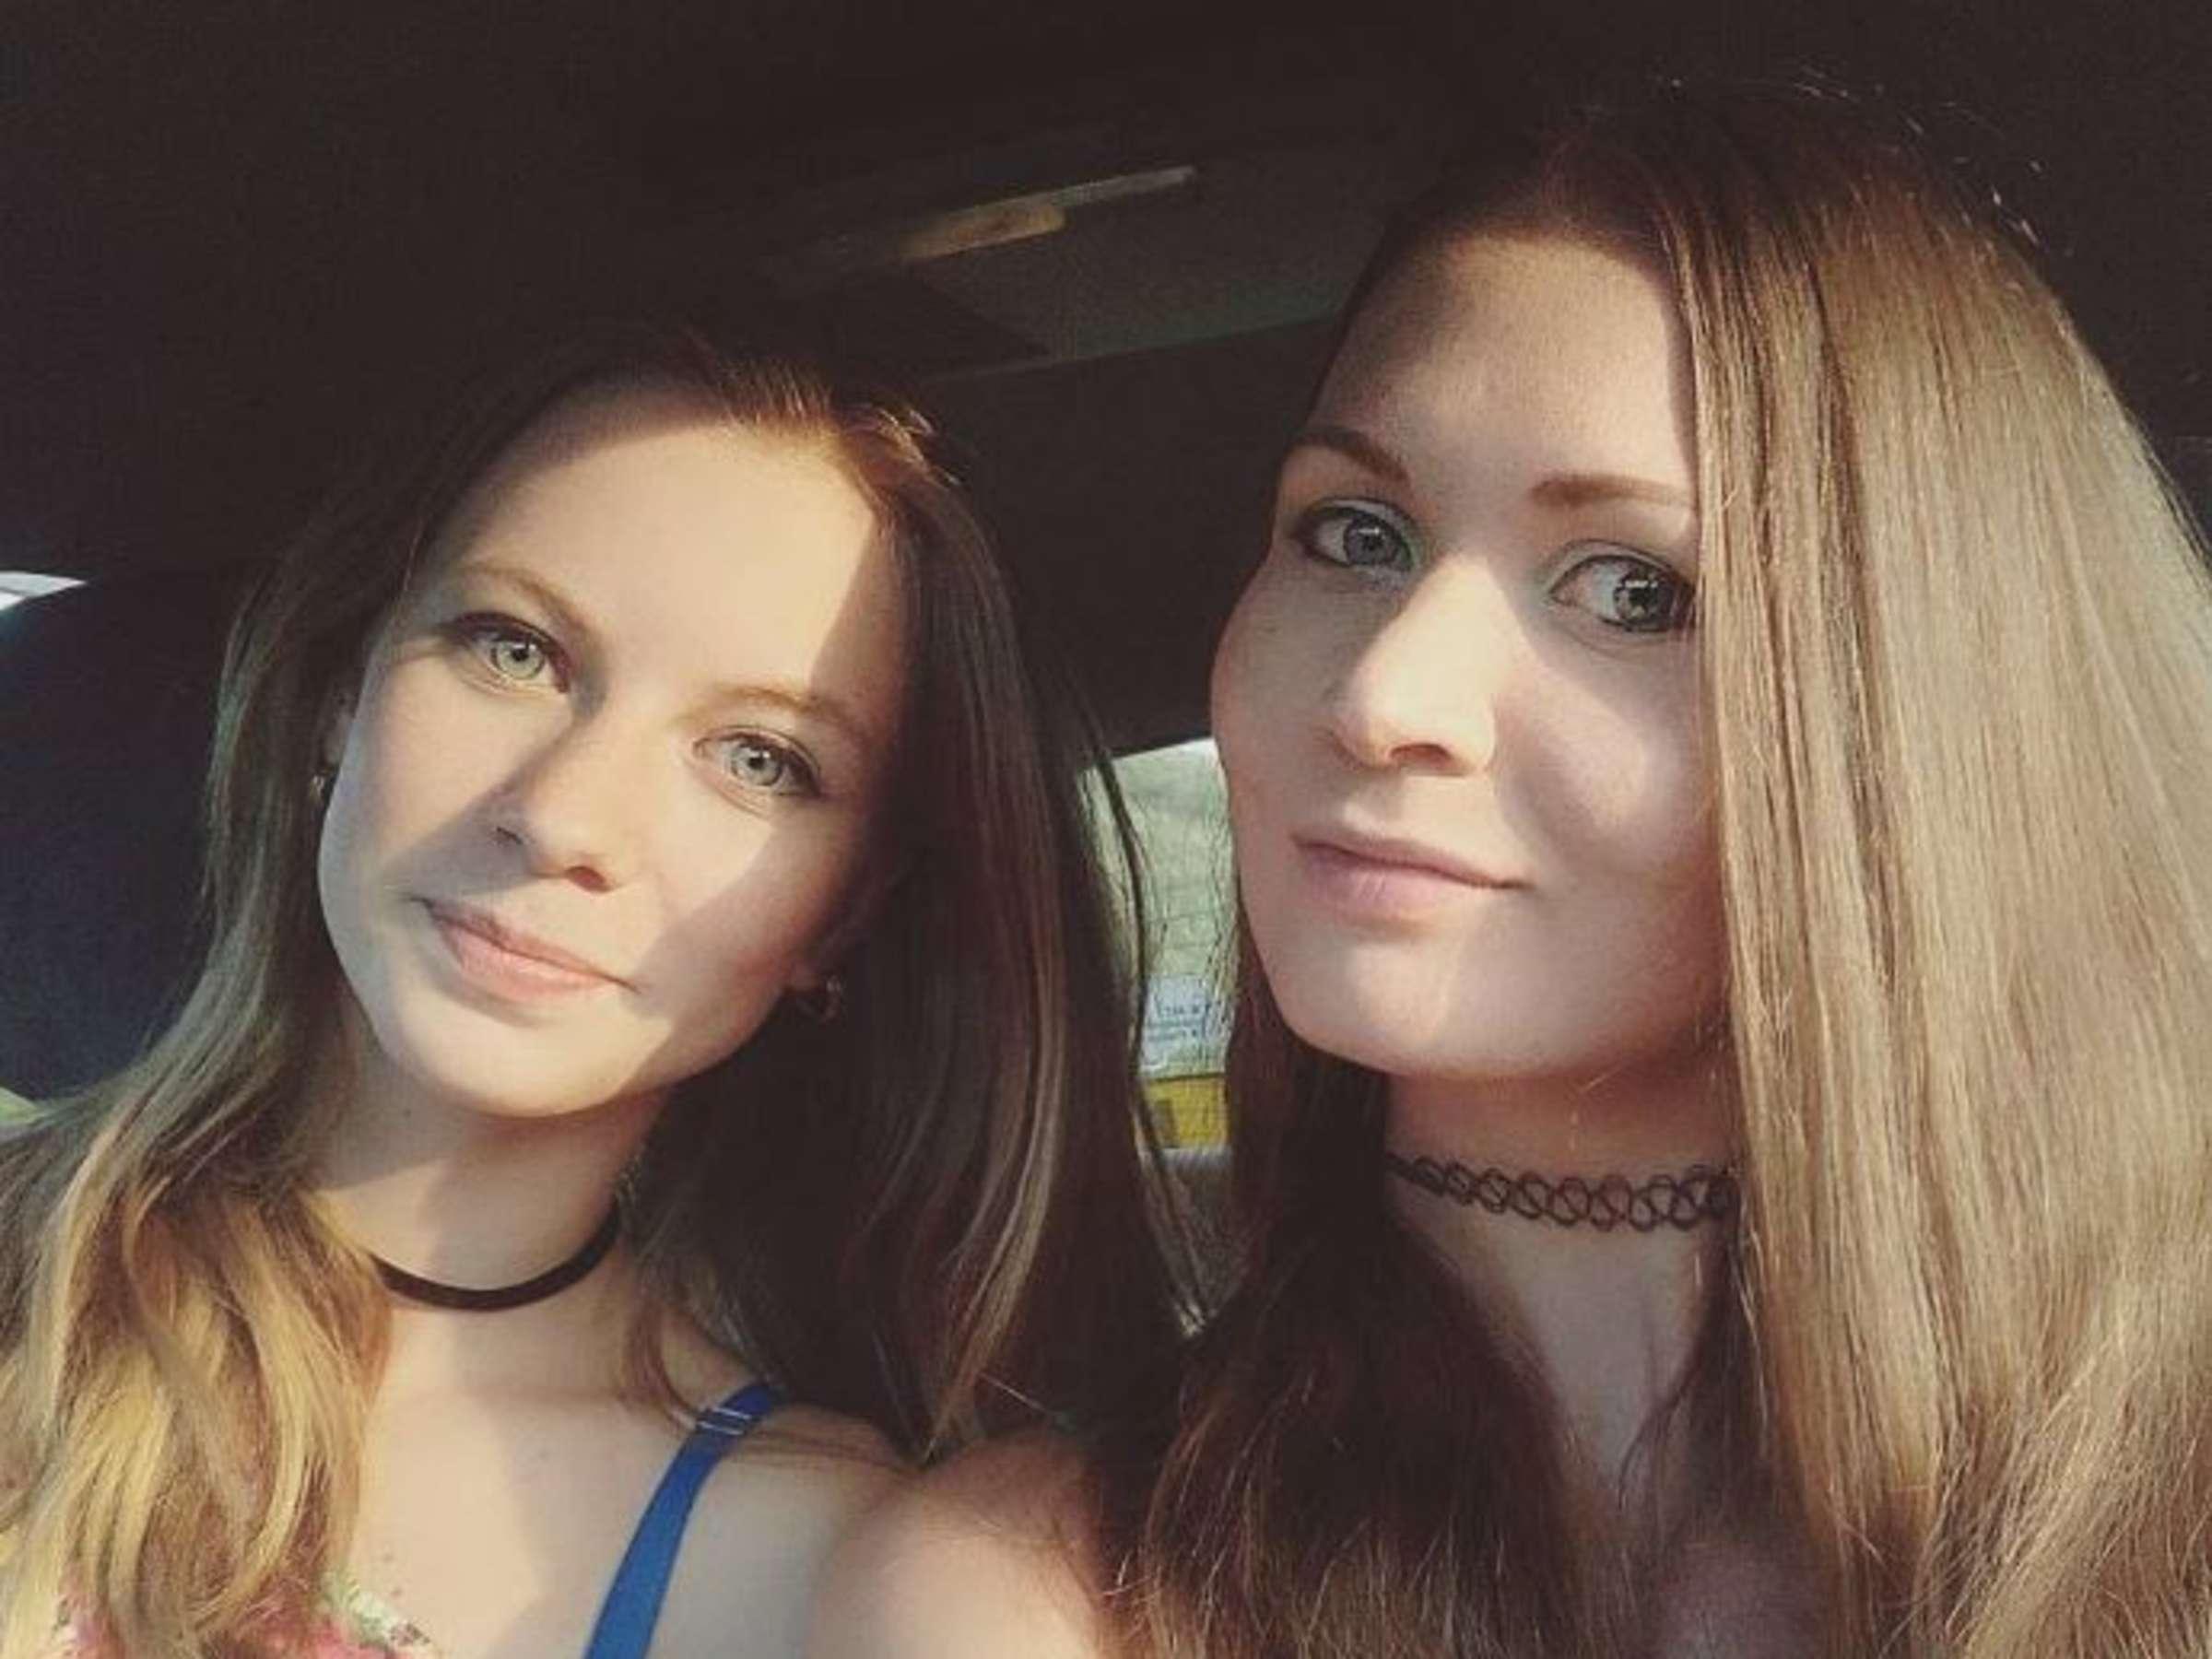 Dunkle Haare junge russische Mädchen